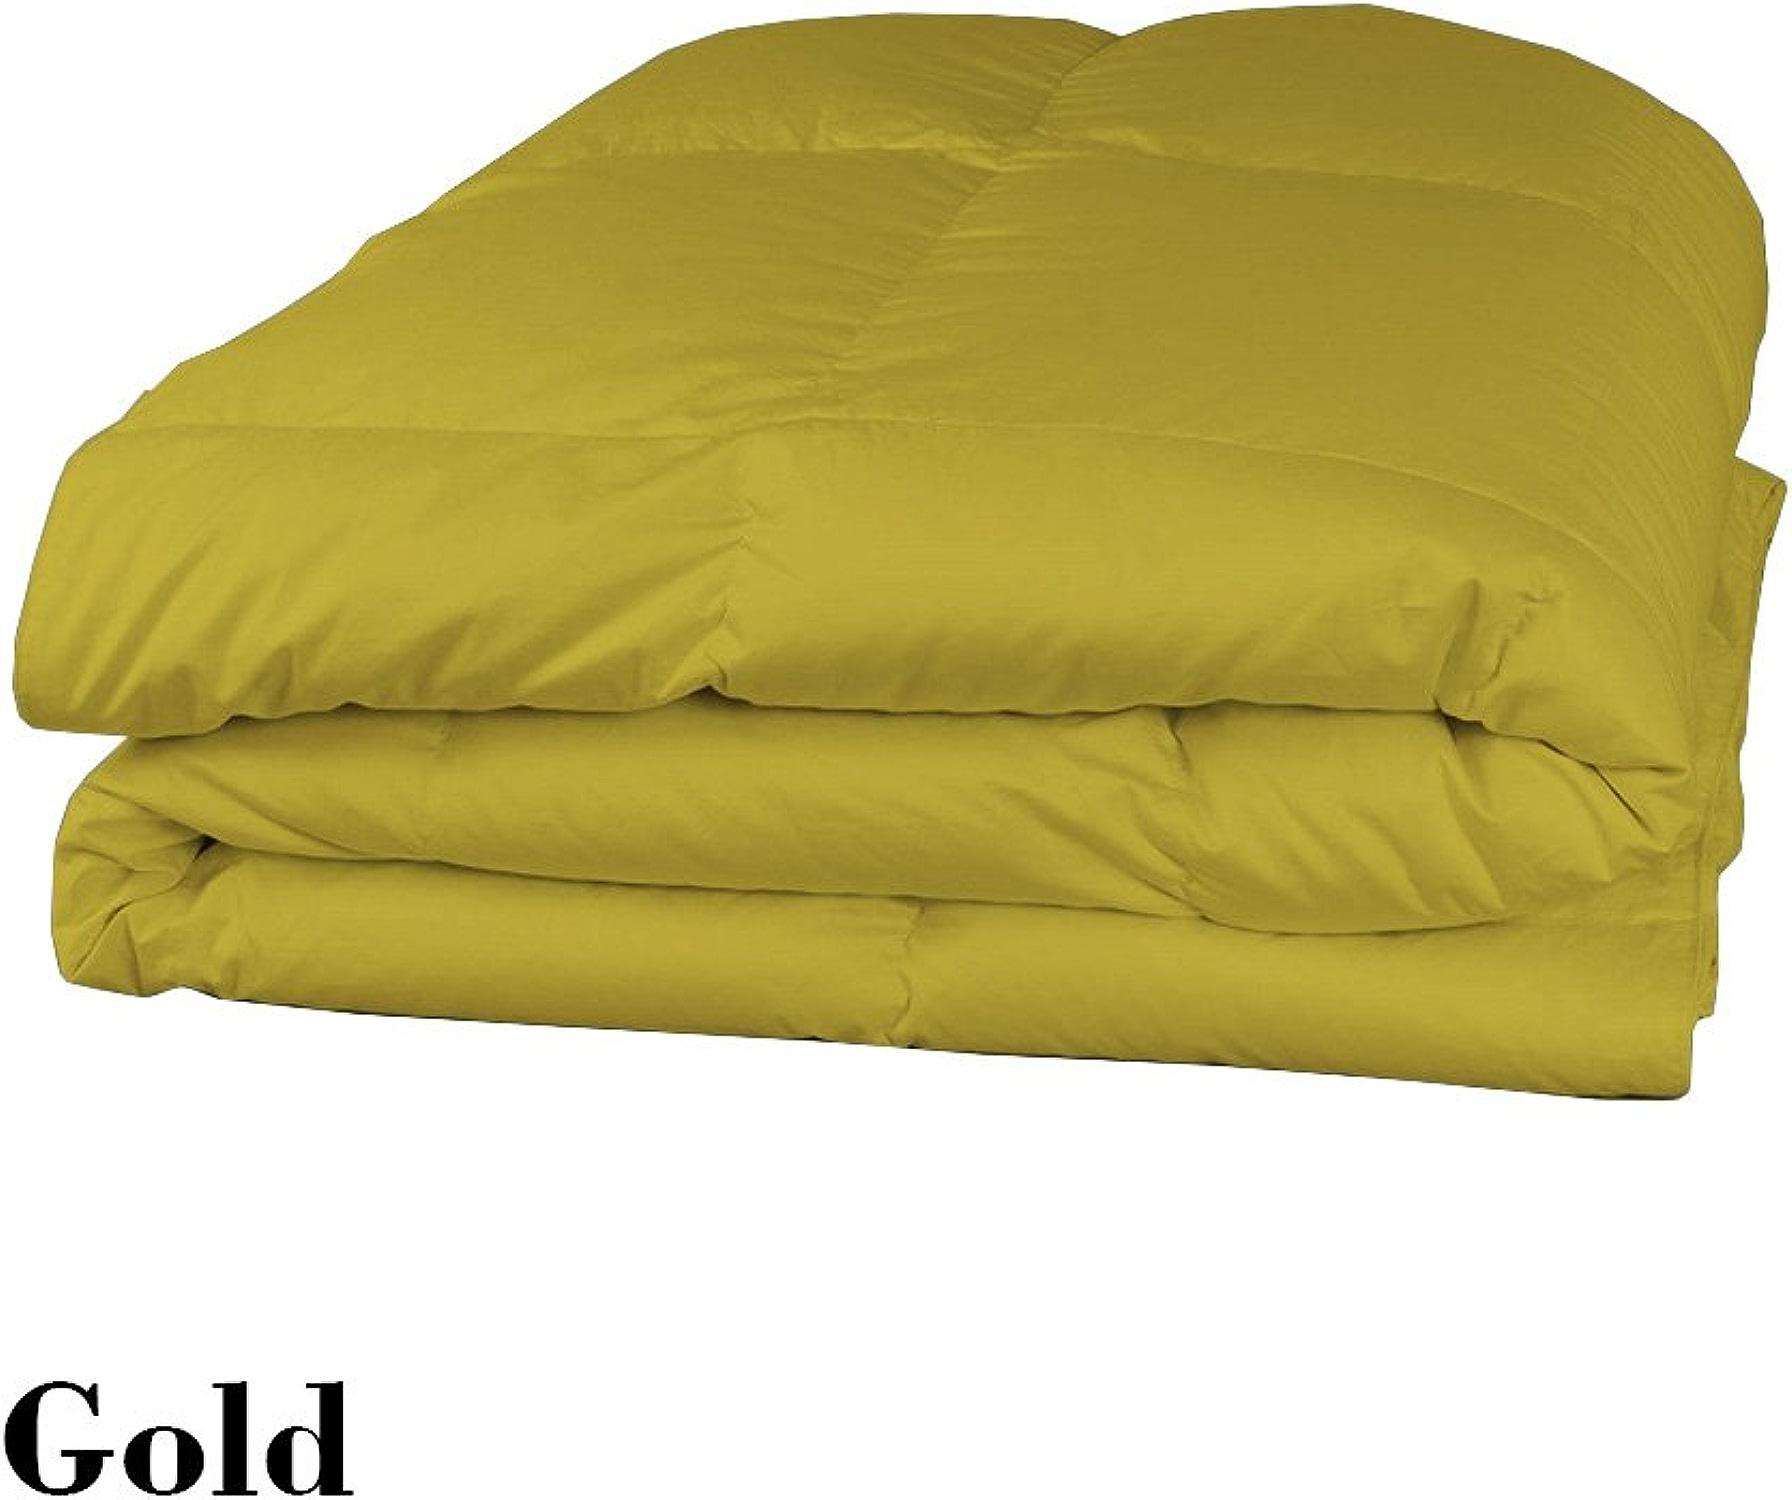 Dreamz Parure de lit Super Doux Coton égypcravaten 300Fils 1pièce Doudou (100g m2 Fibre Fill) Empereur, Or Massif 100% Coton 300tc Parure de lit